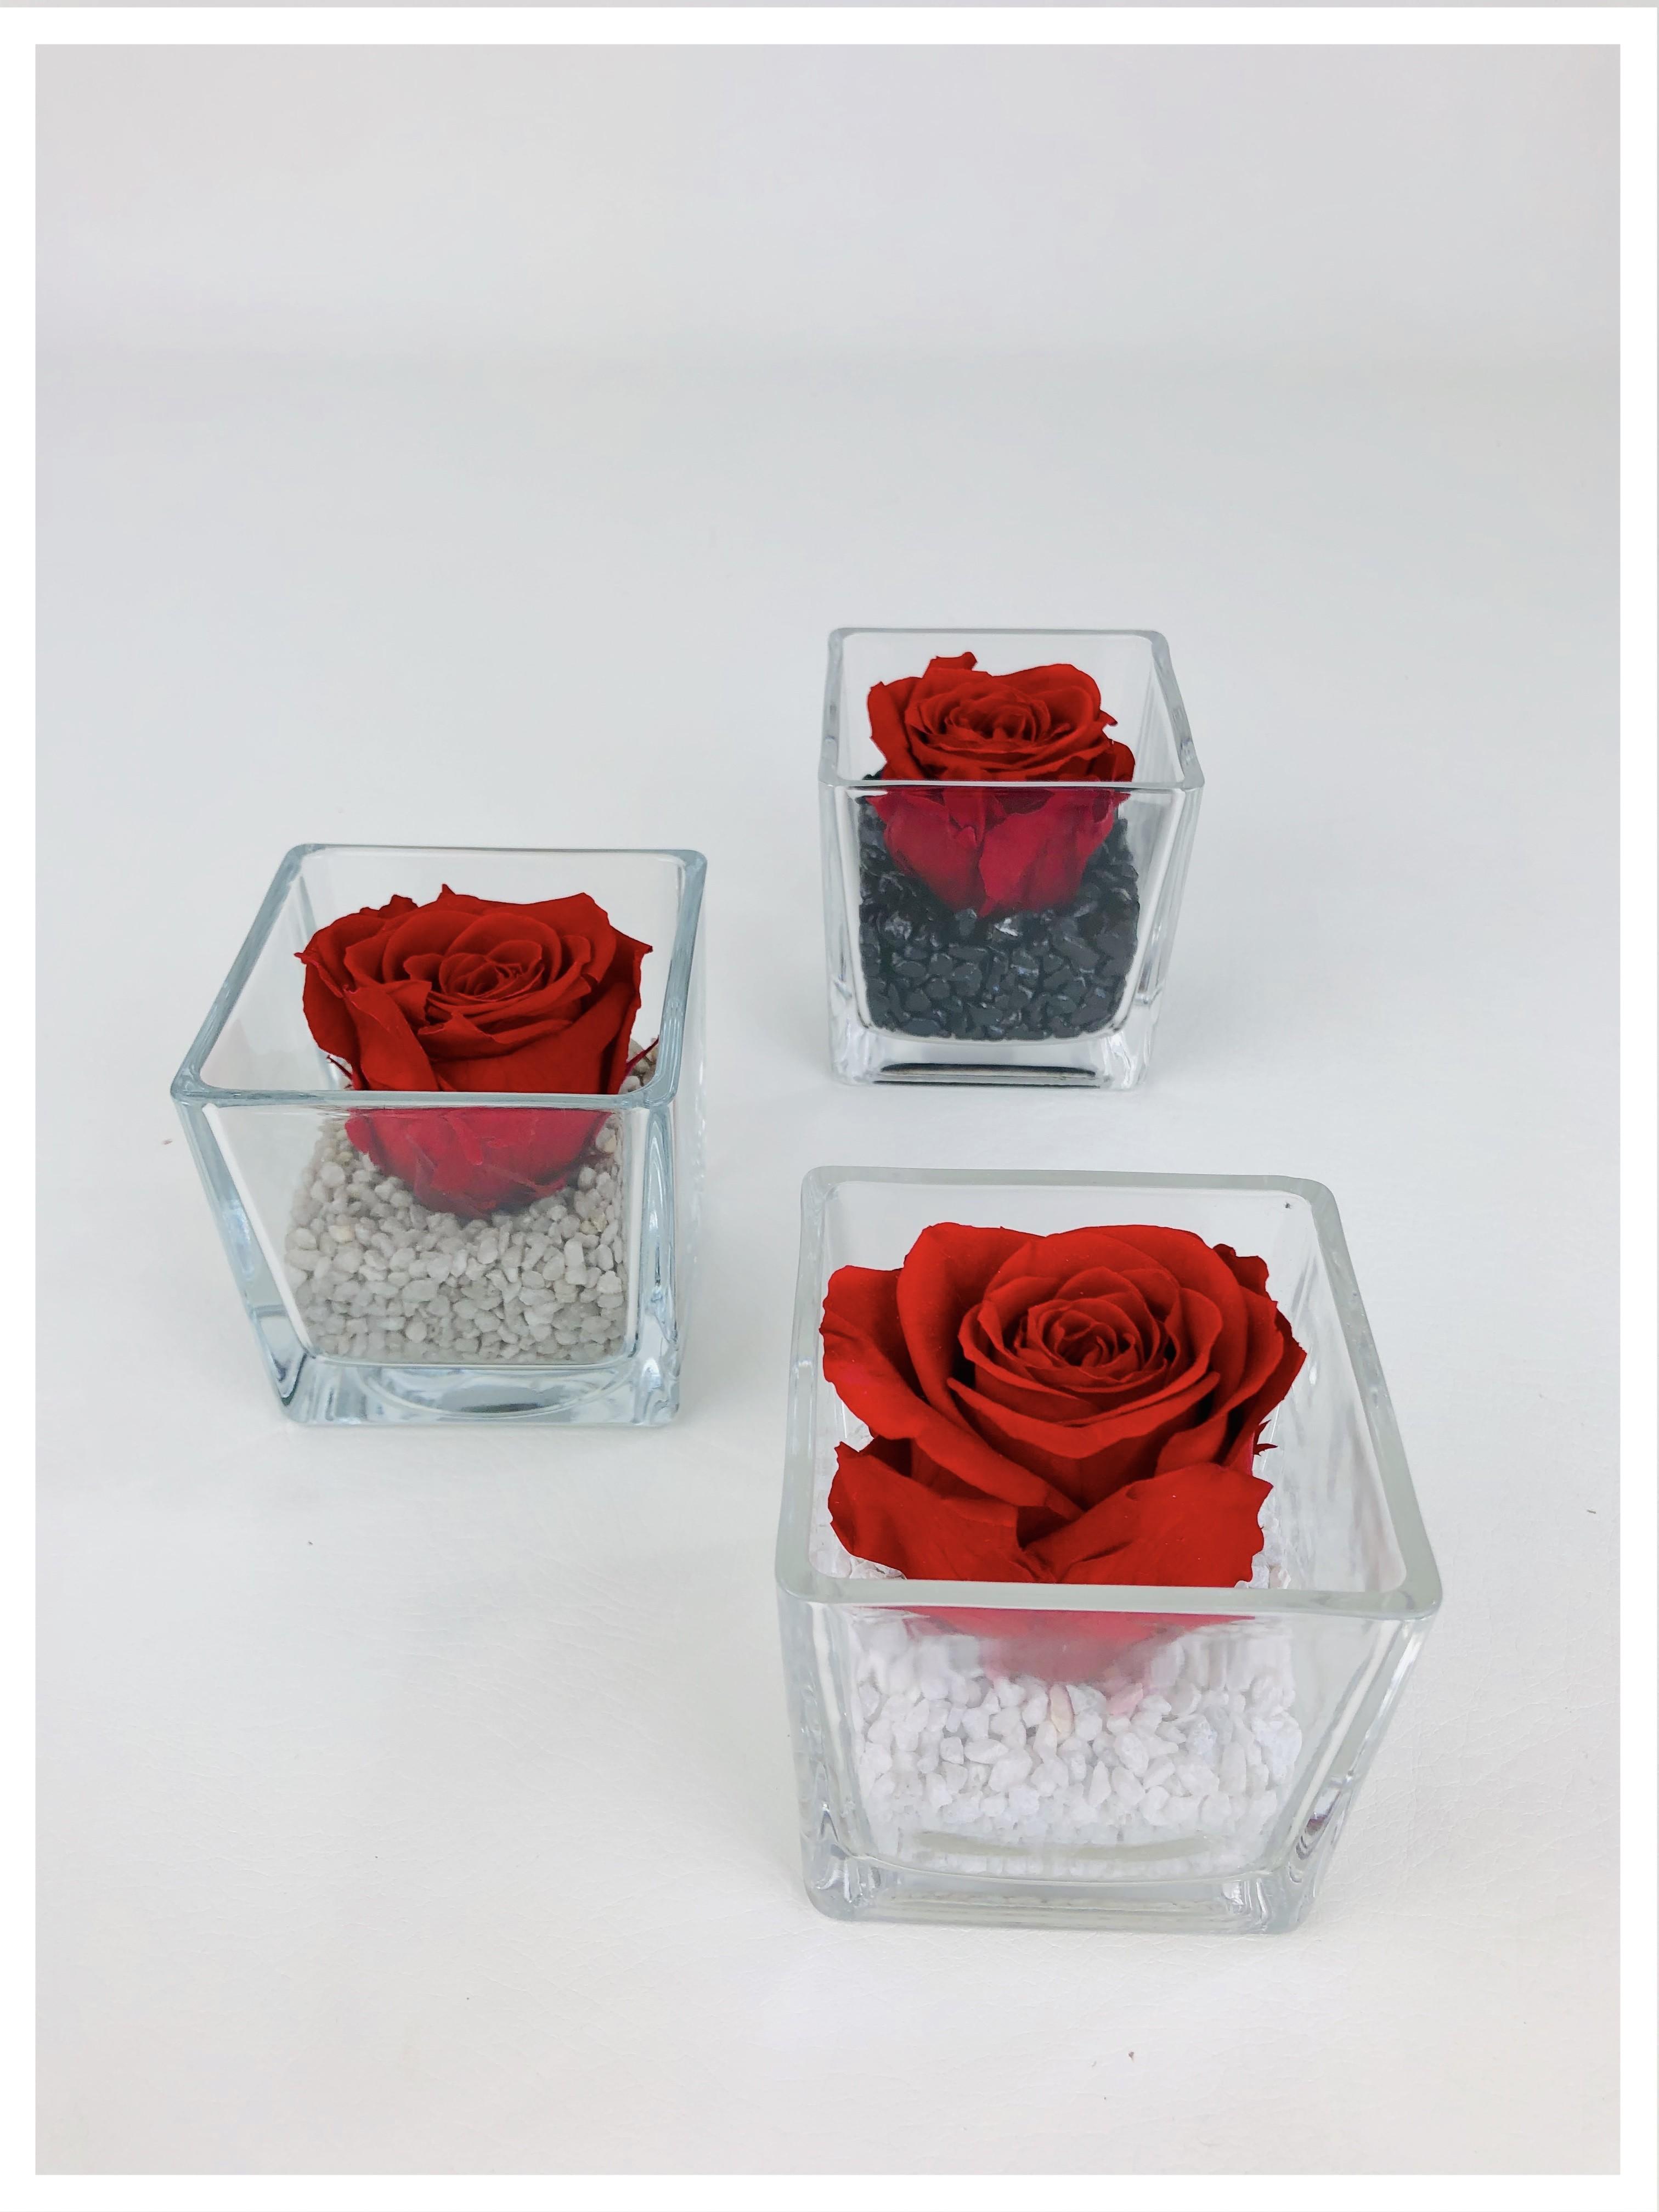 Le cube - Composition de rose stabilisée rouge